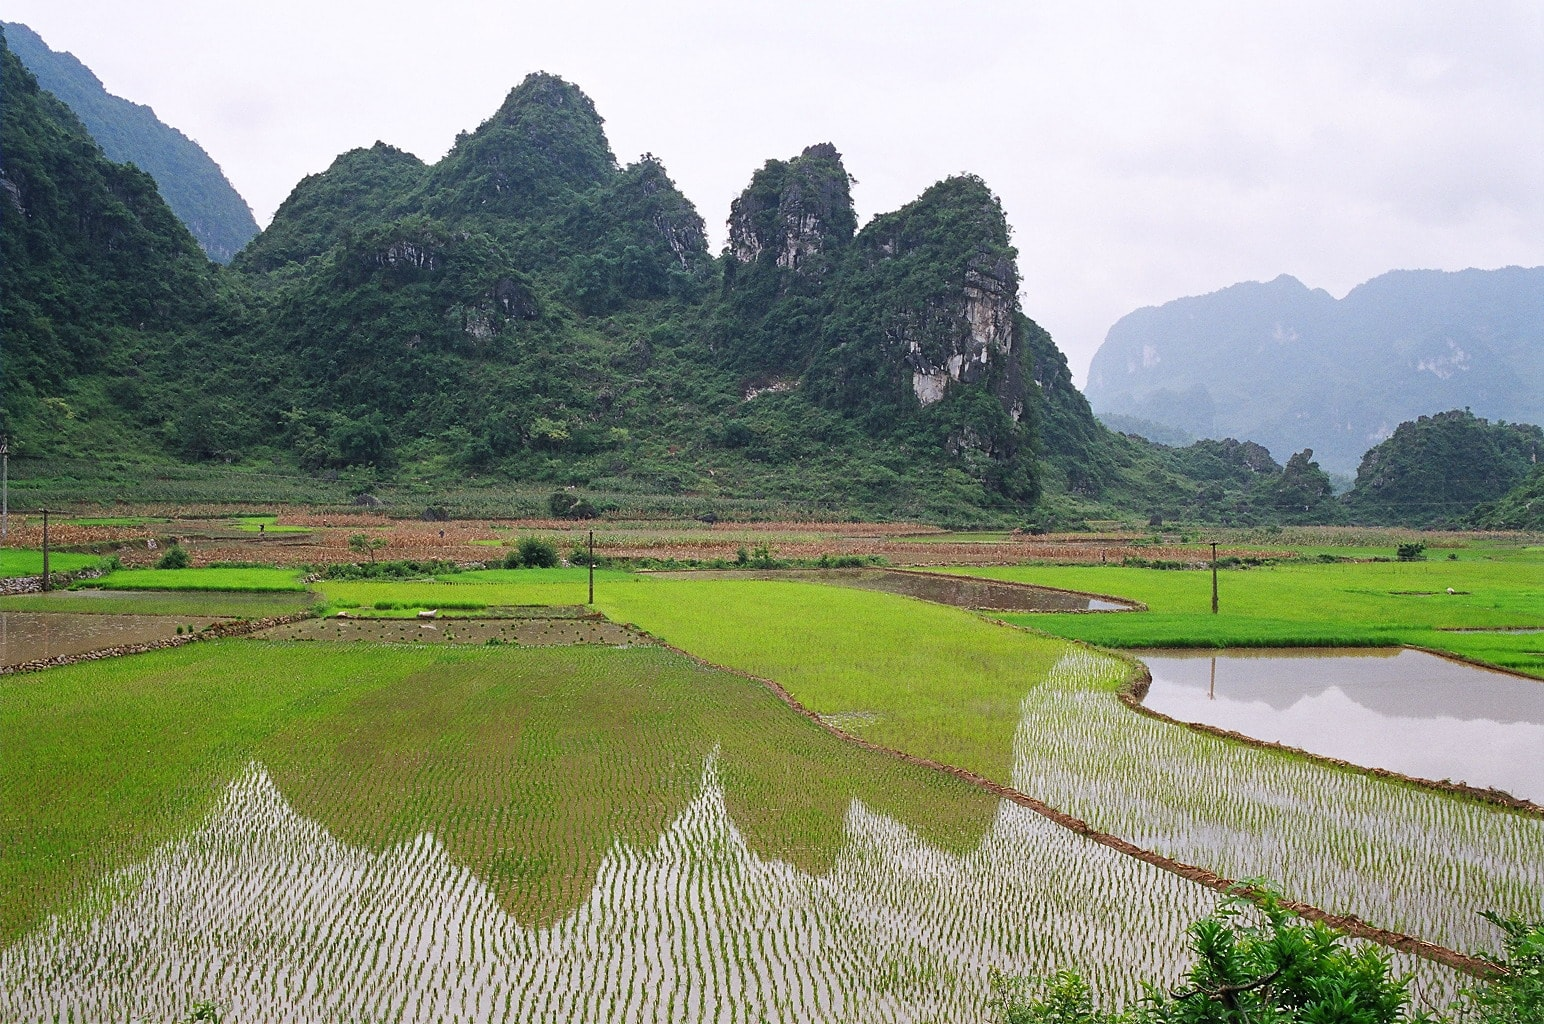 Bán nhớt Repsol chất lượng cao tại Cao Bằng